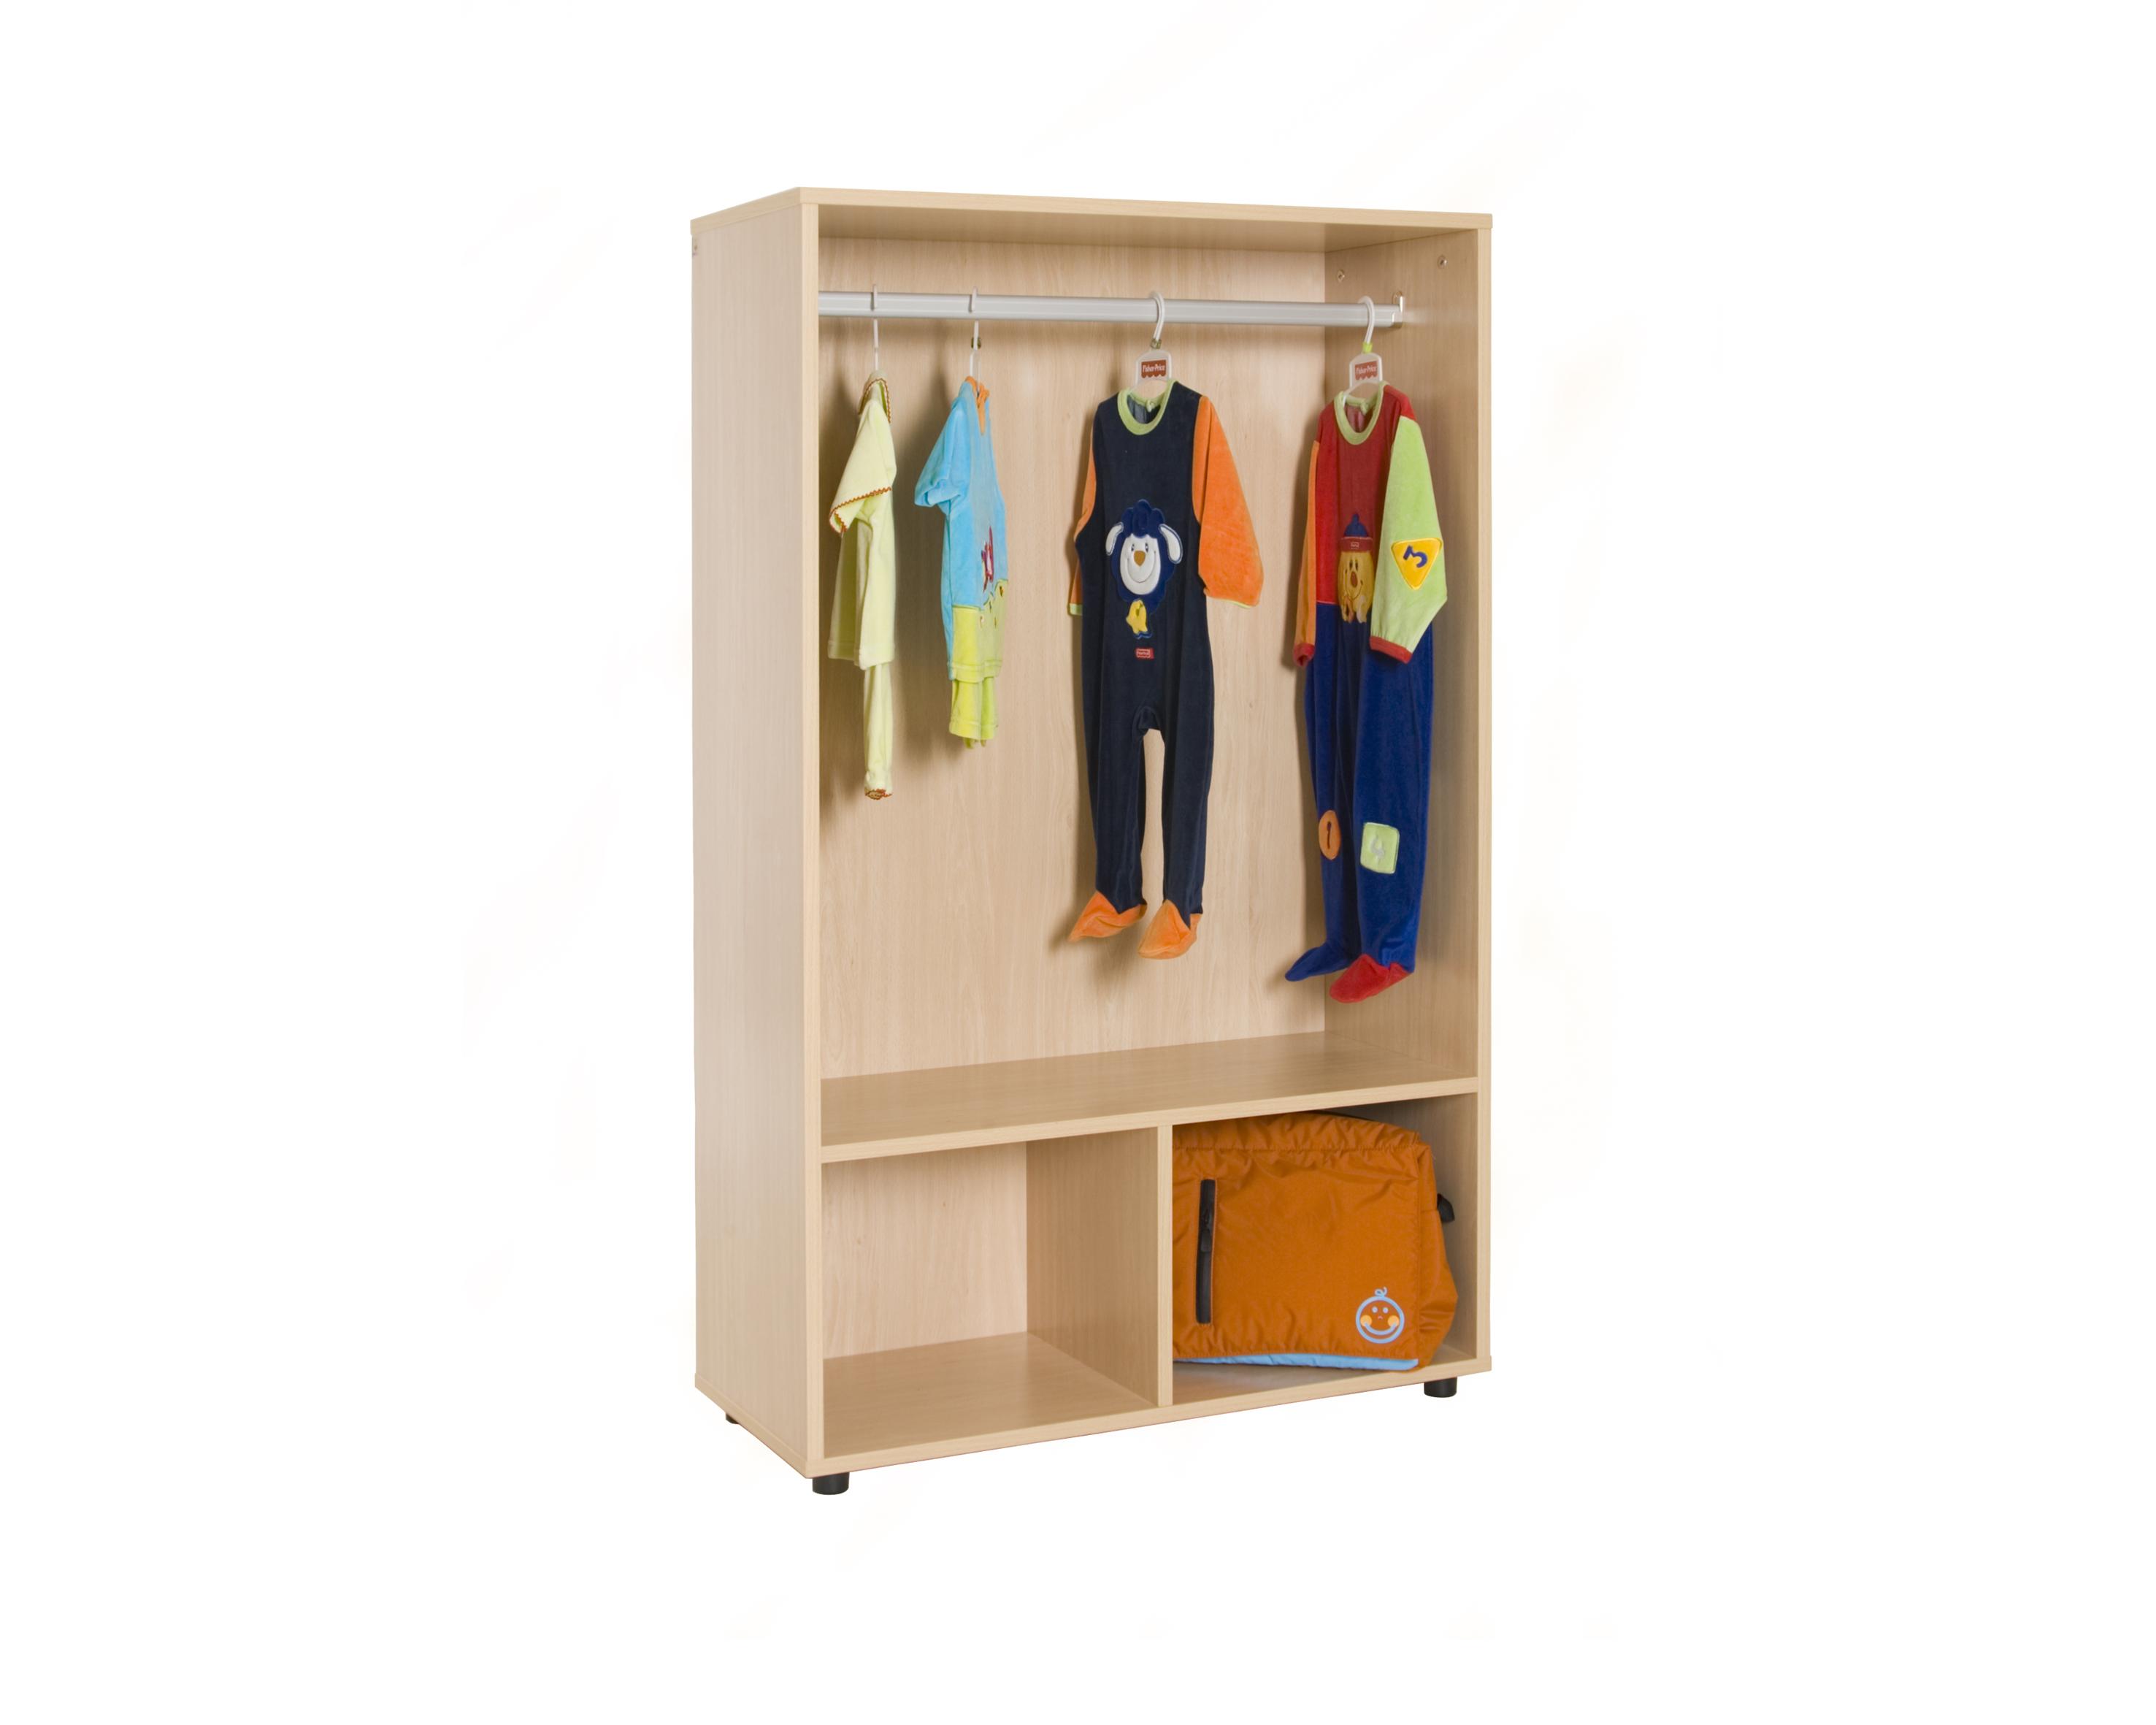 Mobiliario Para Otros Usos Y Dependencias Mobeduc Mobiliario  # Muebles Educativos